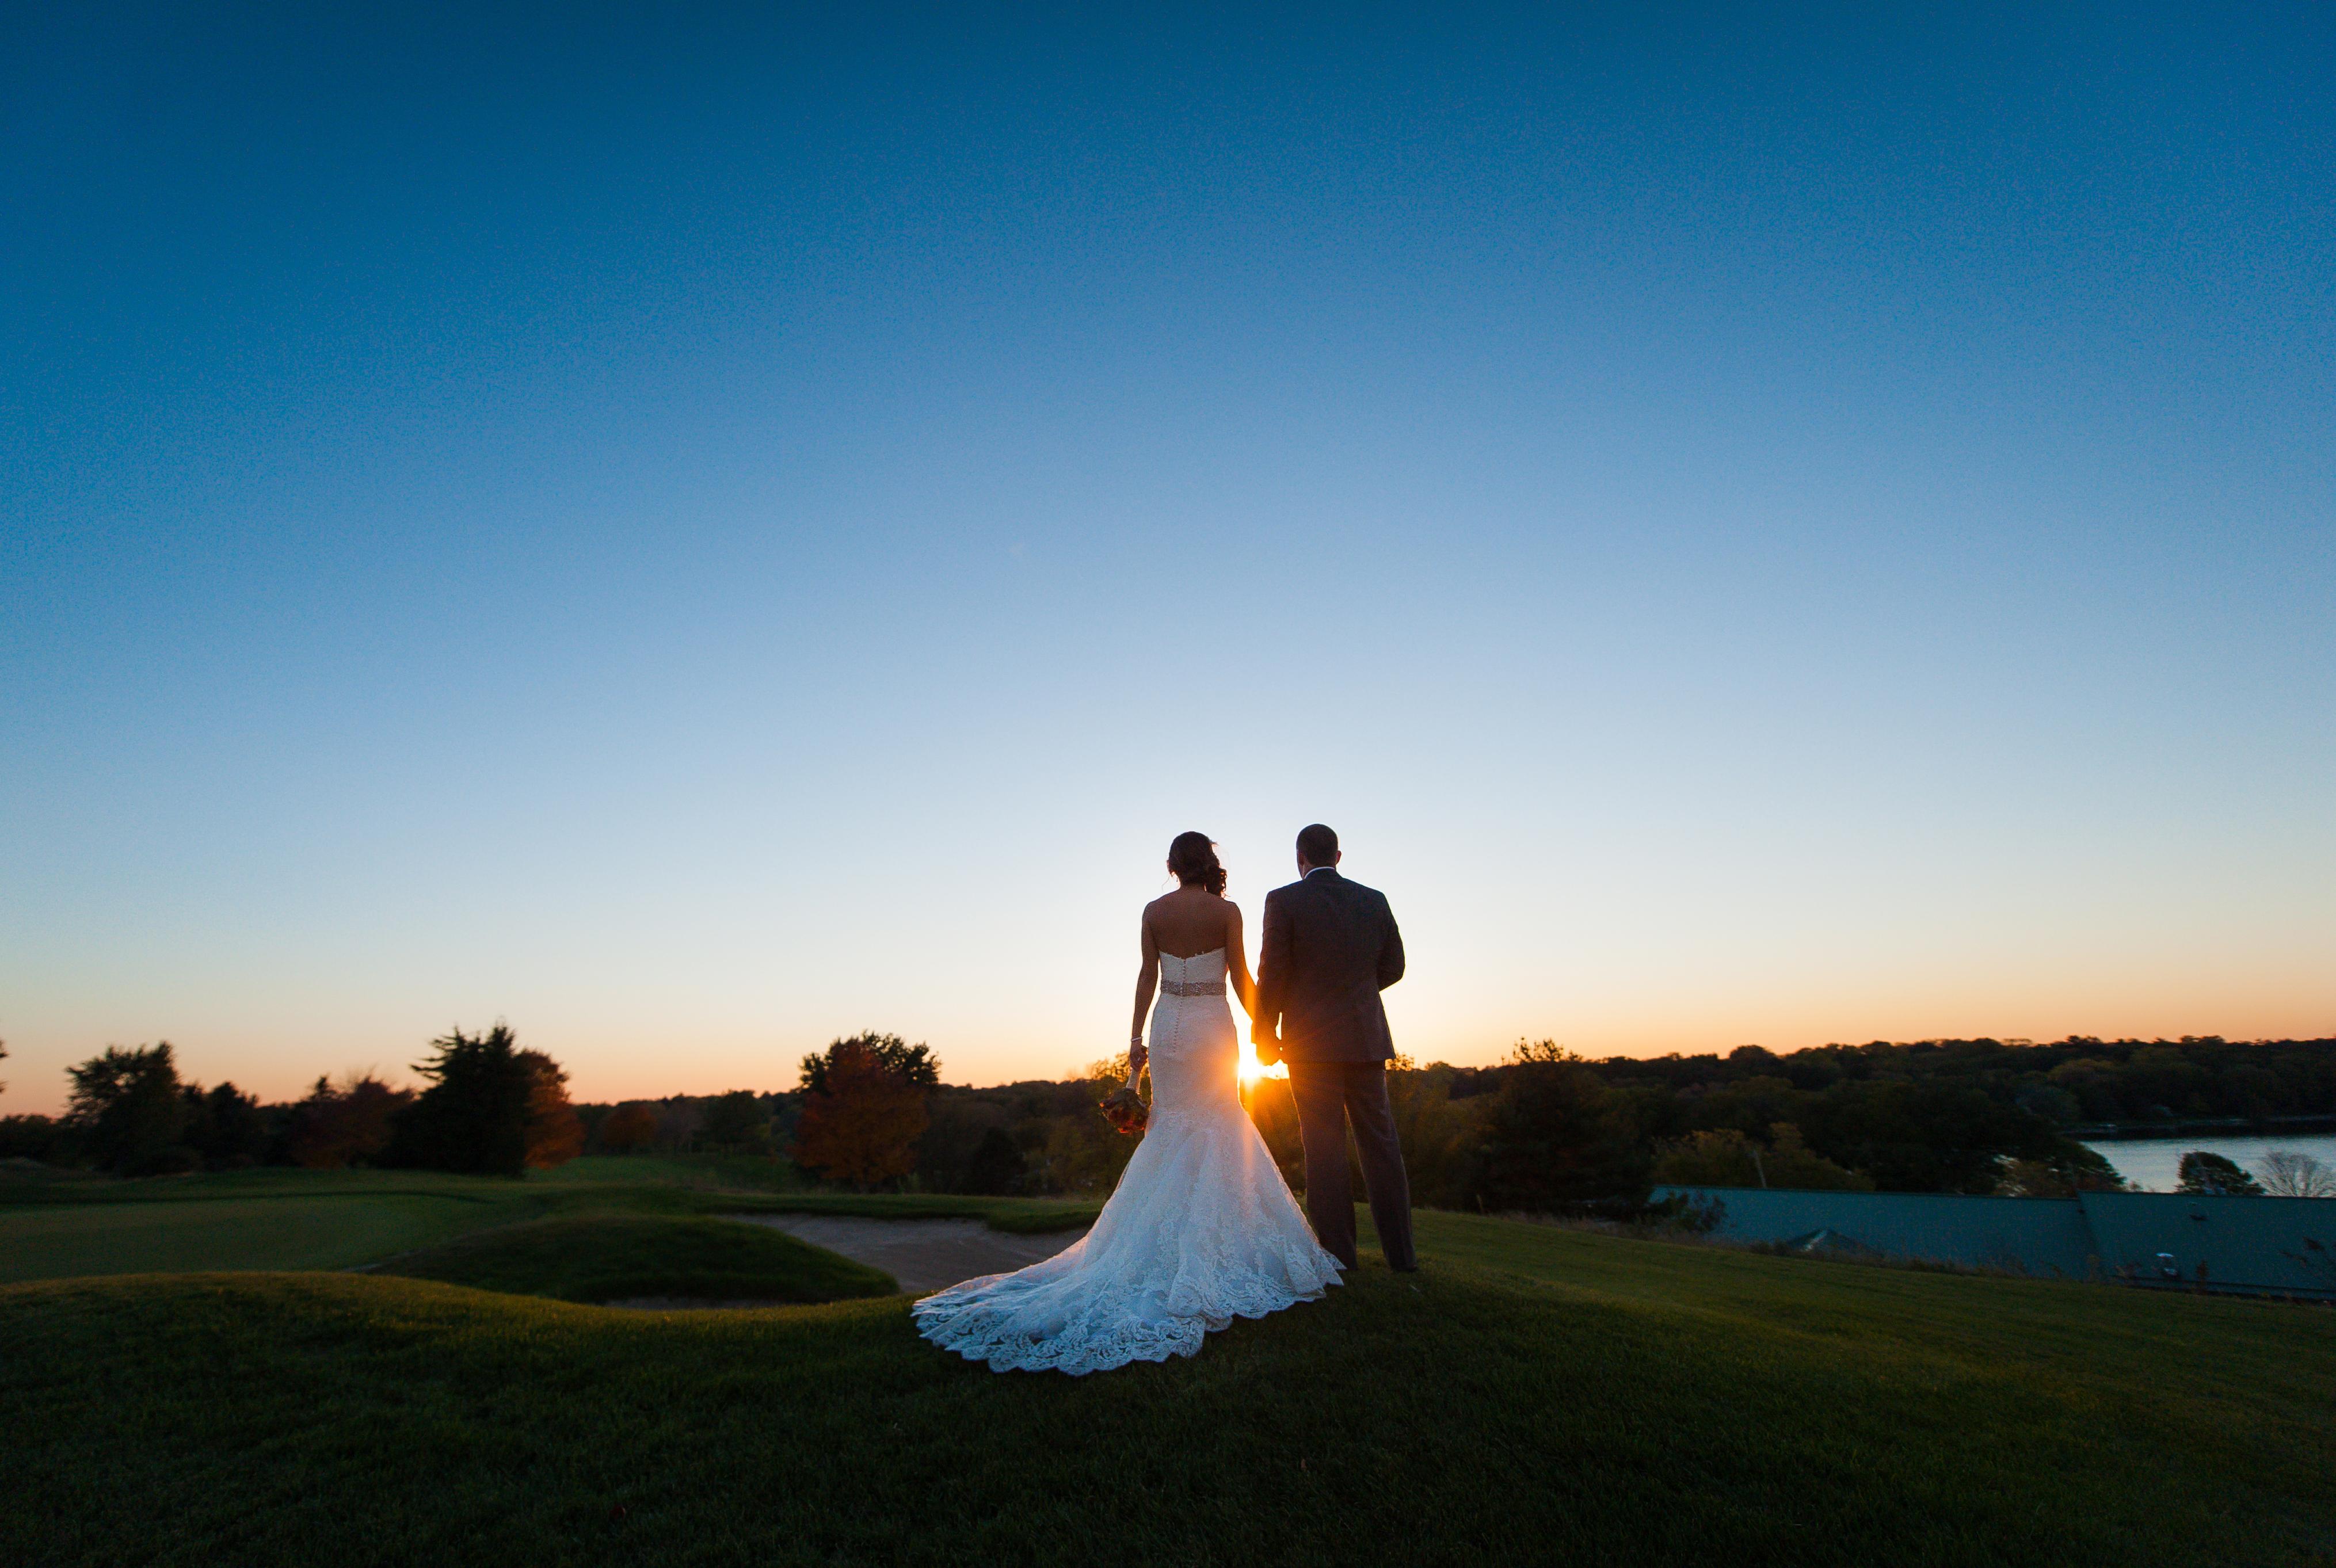 Twin cities wedding photography east oaks photography wedding  (4)